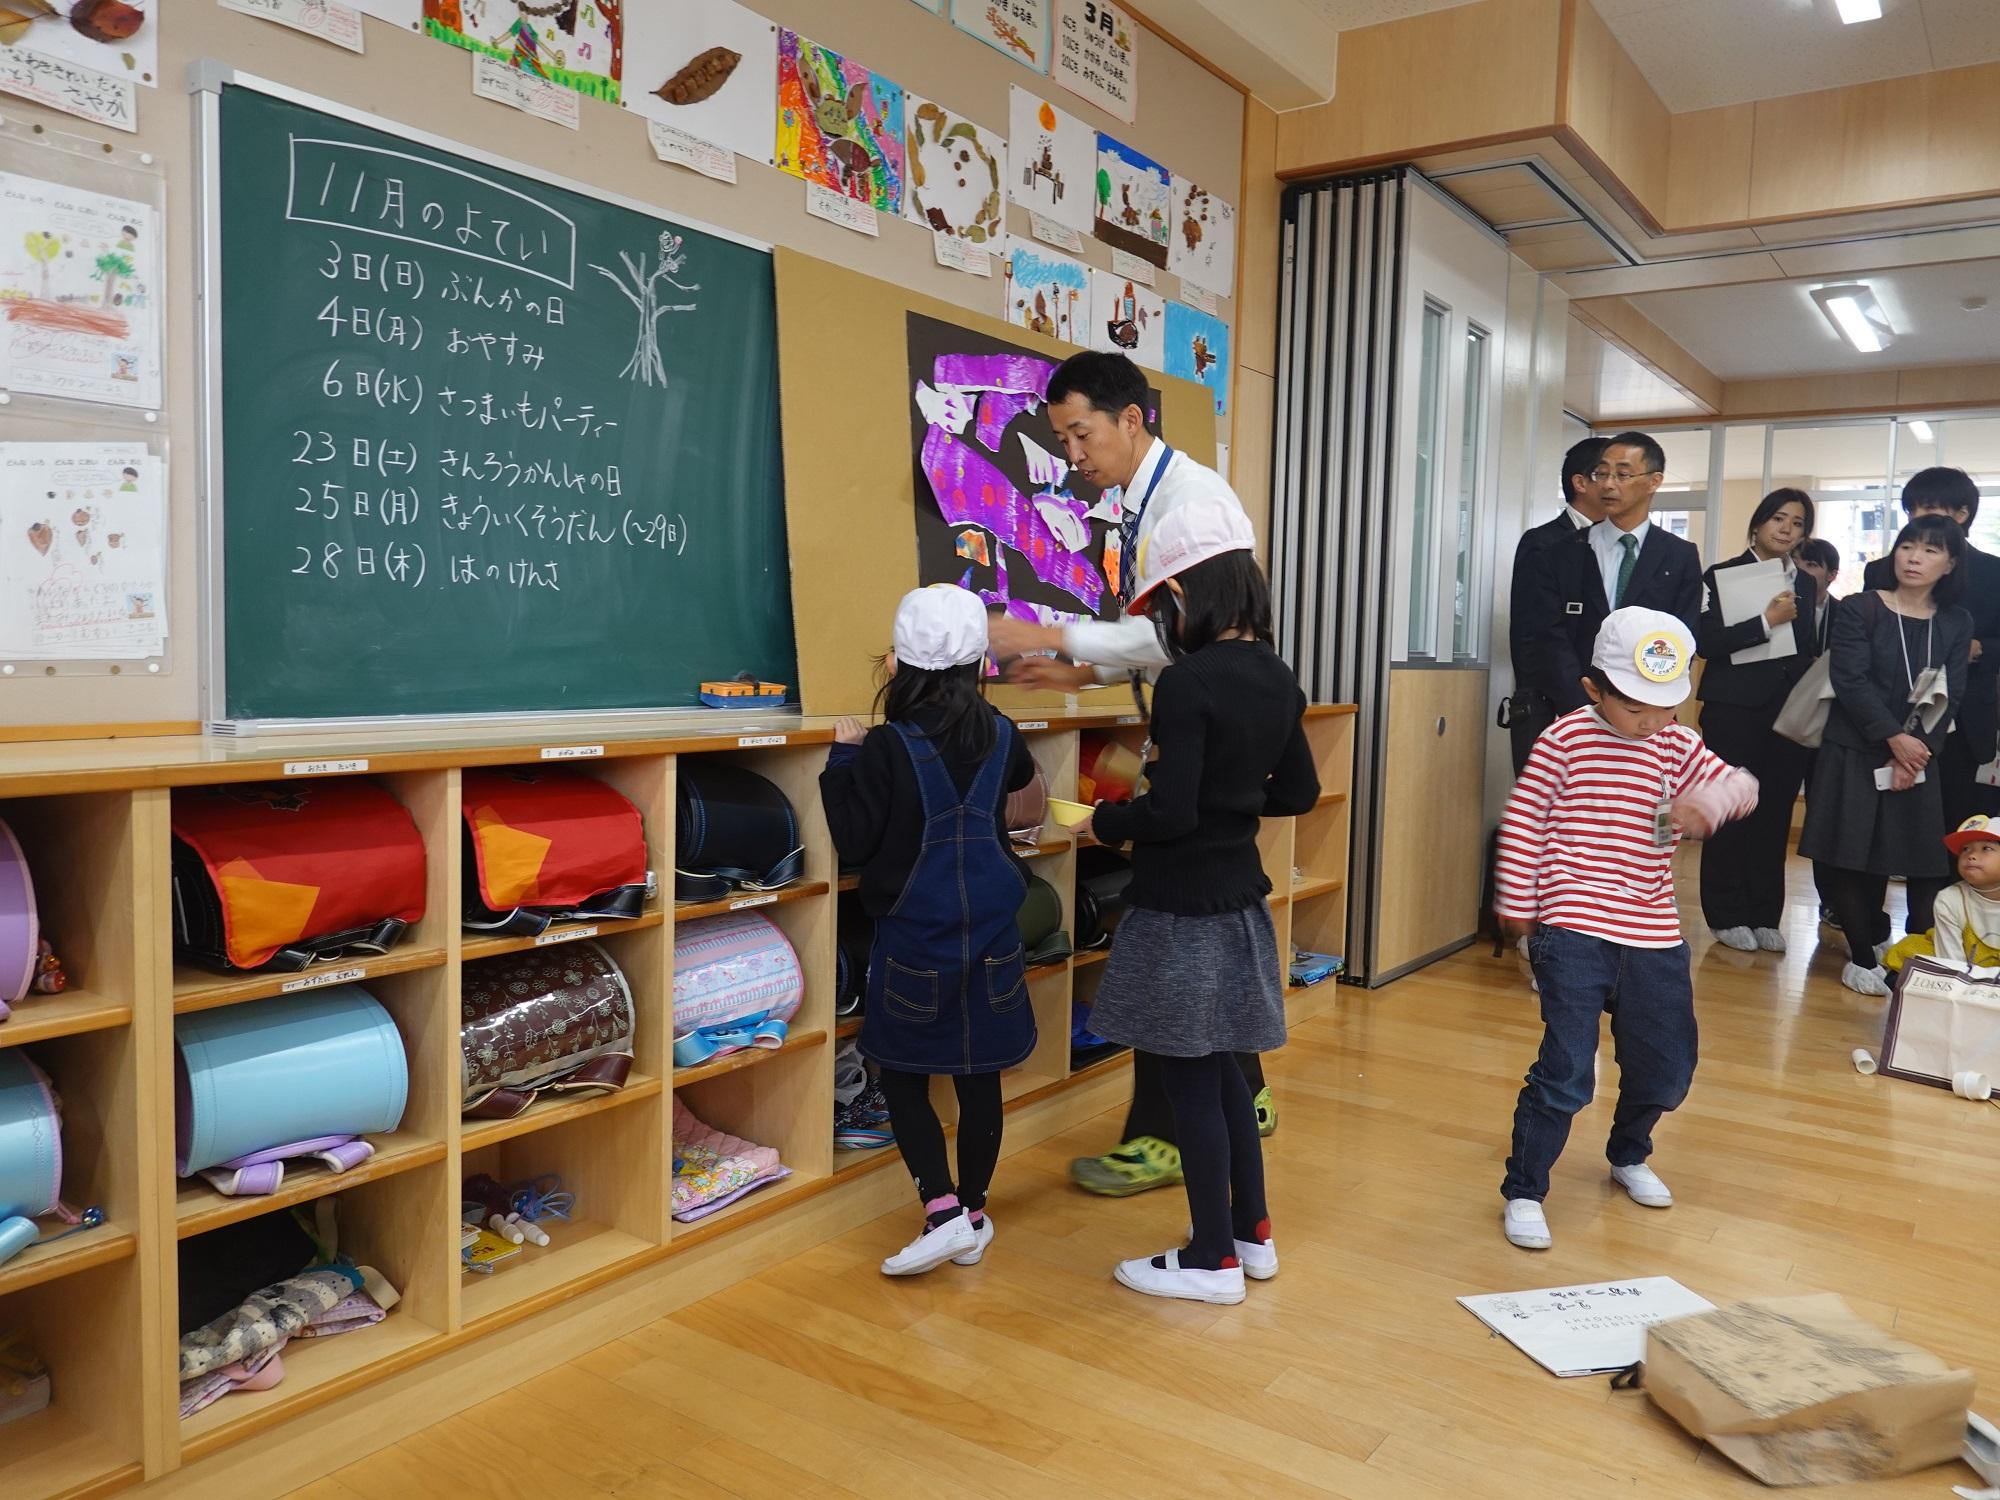 名古屋小學校授課情況 一年級課程「動物狂想曲」